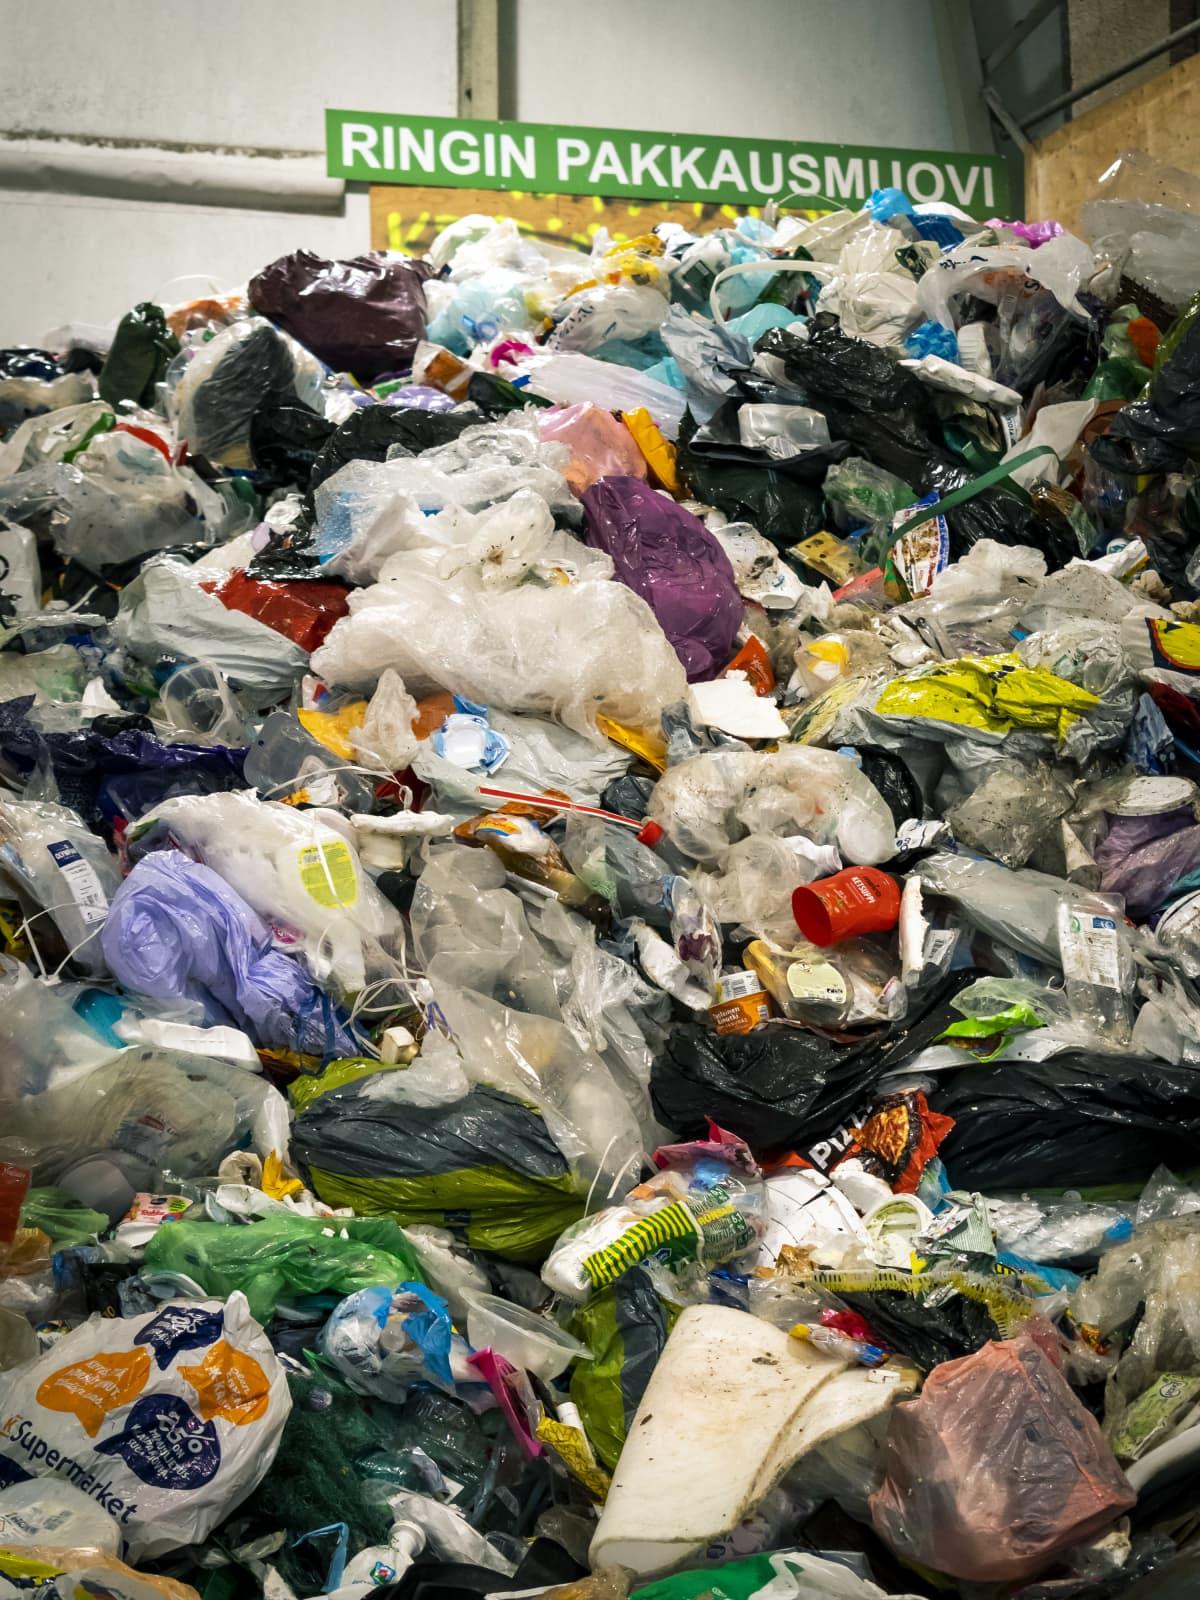 Pakkausmuovia kasassa jätekeskuksessa.